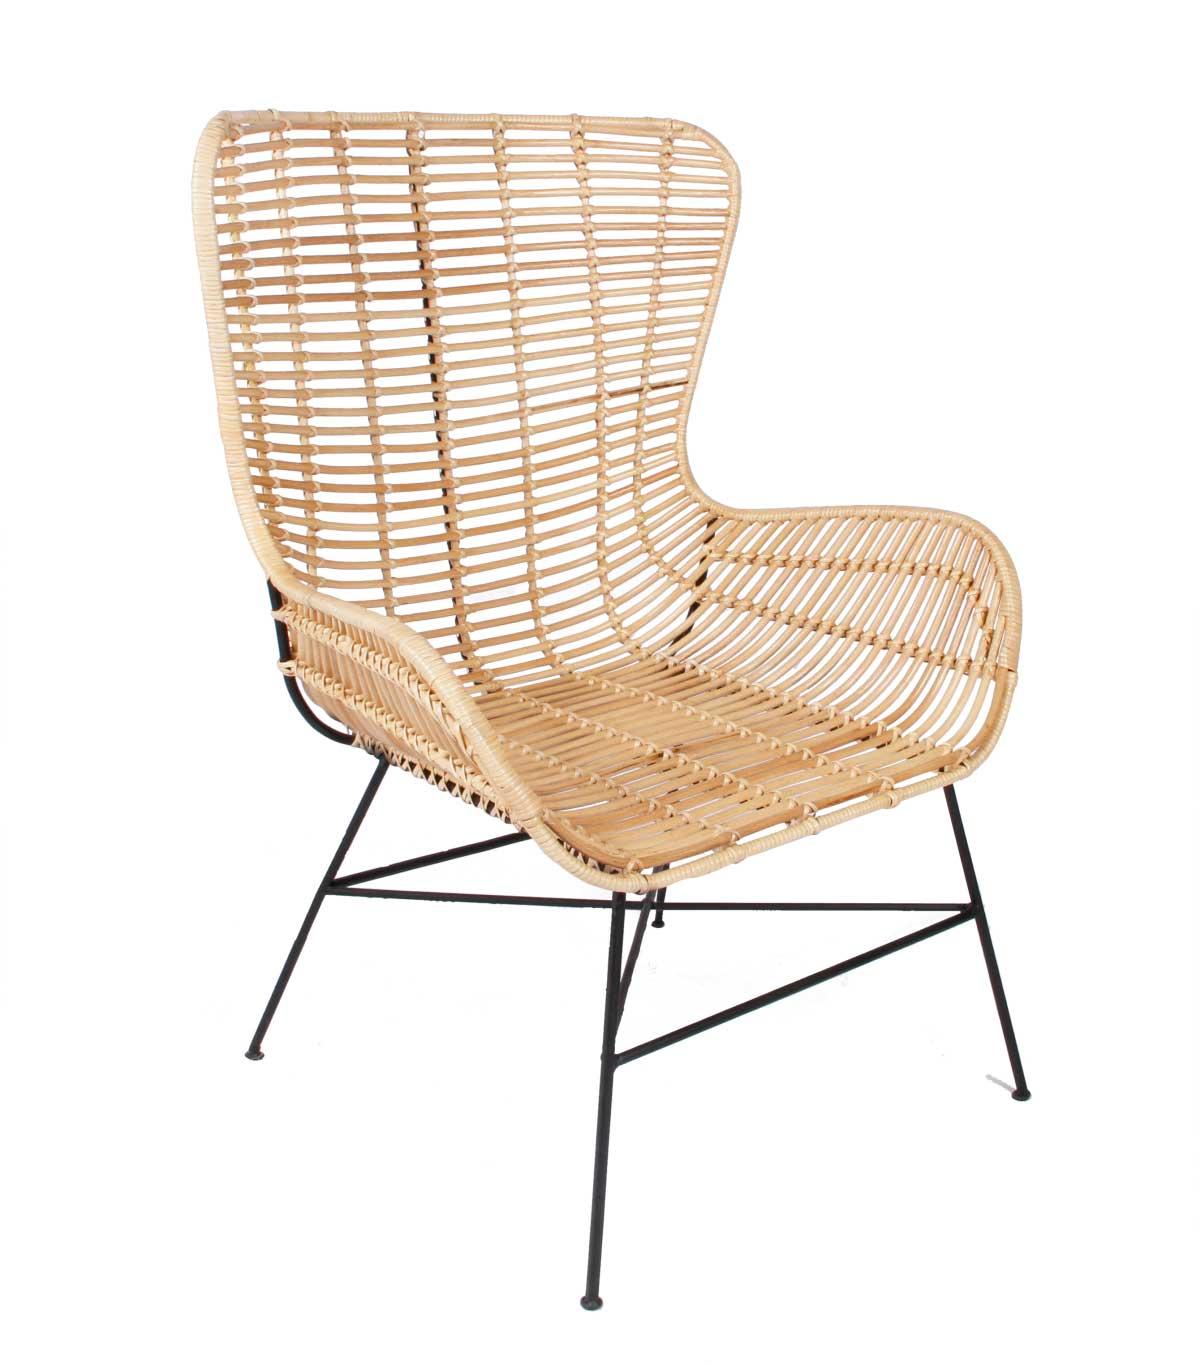 Billede af Opus stol, natur rattan